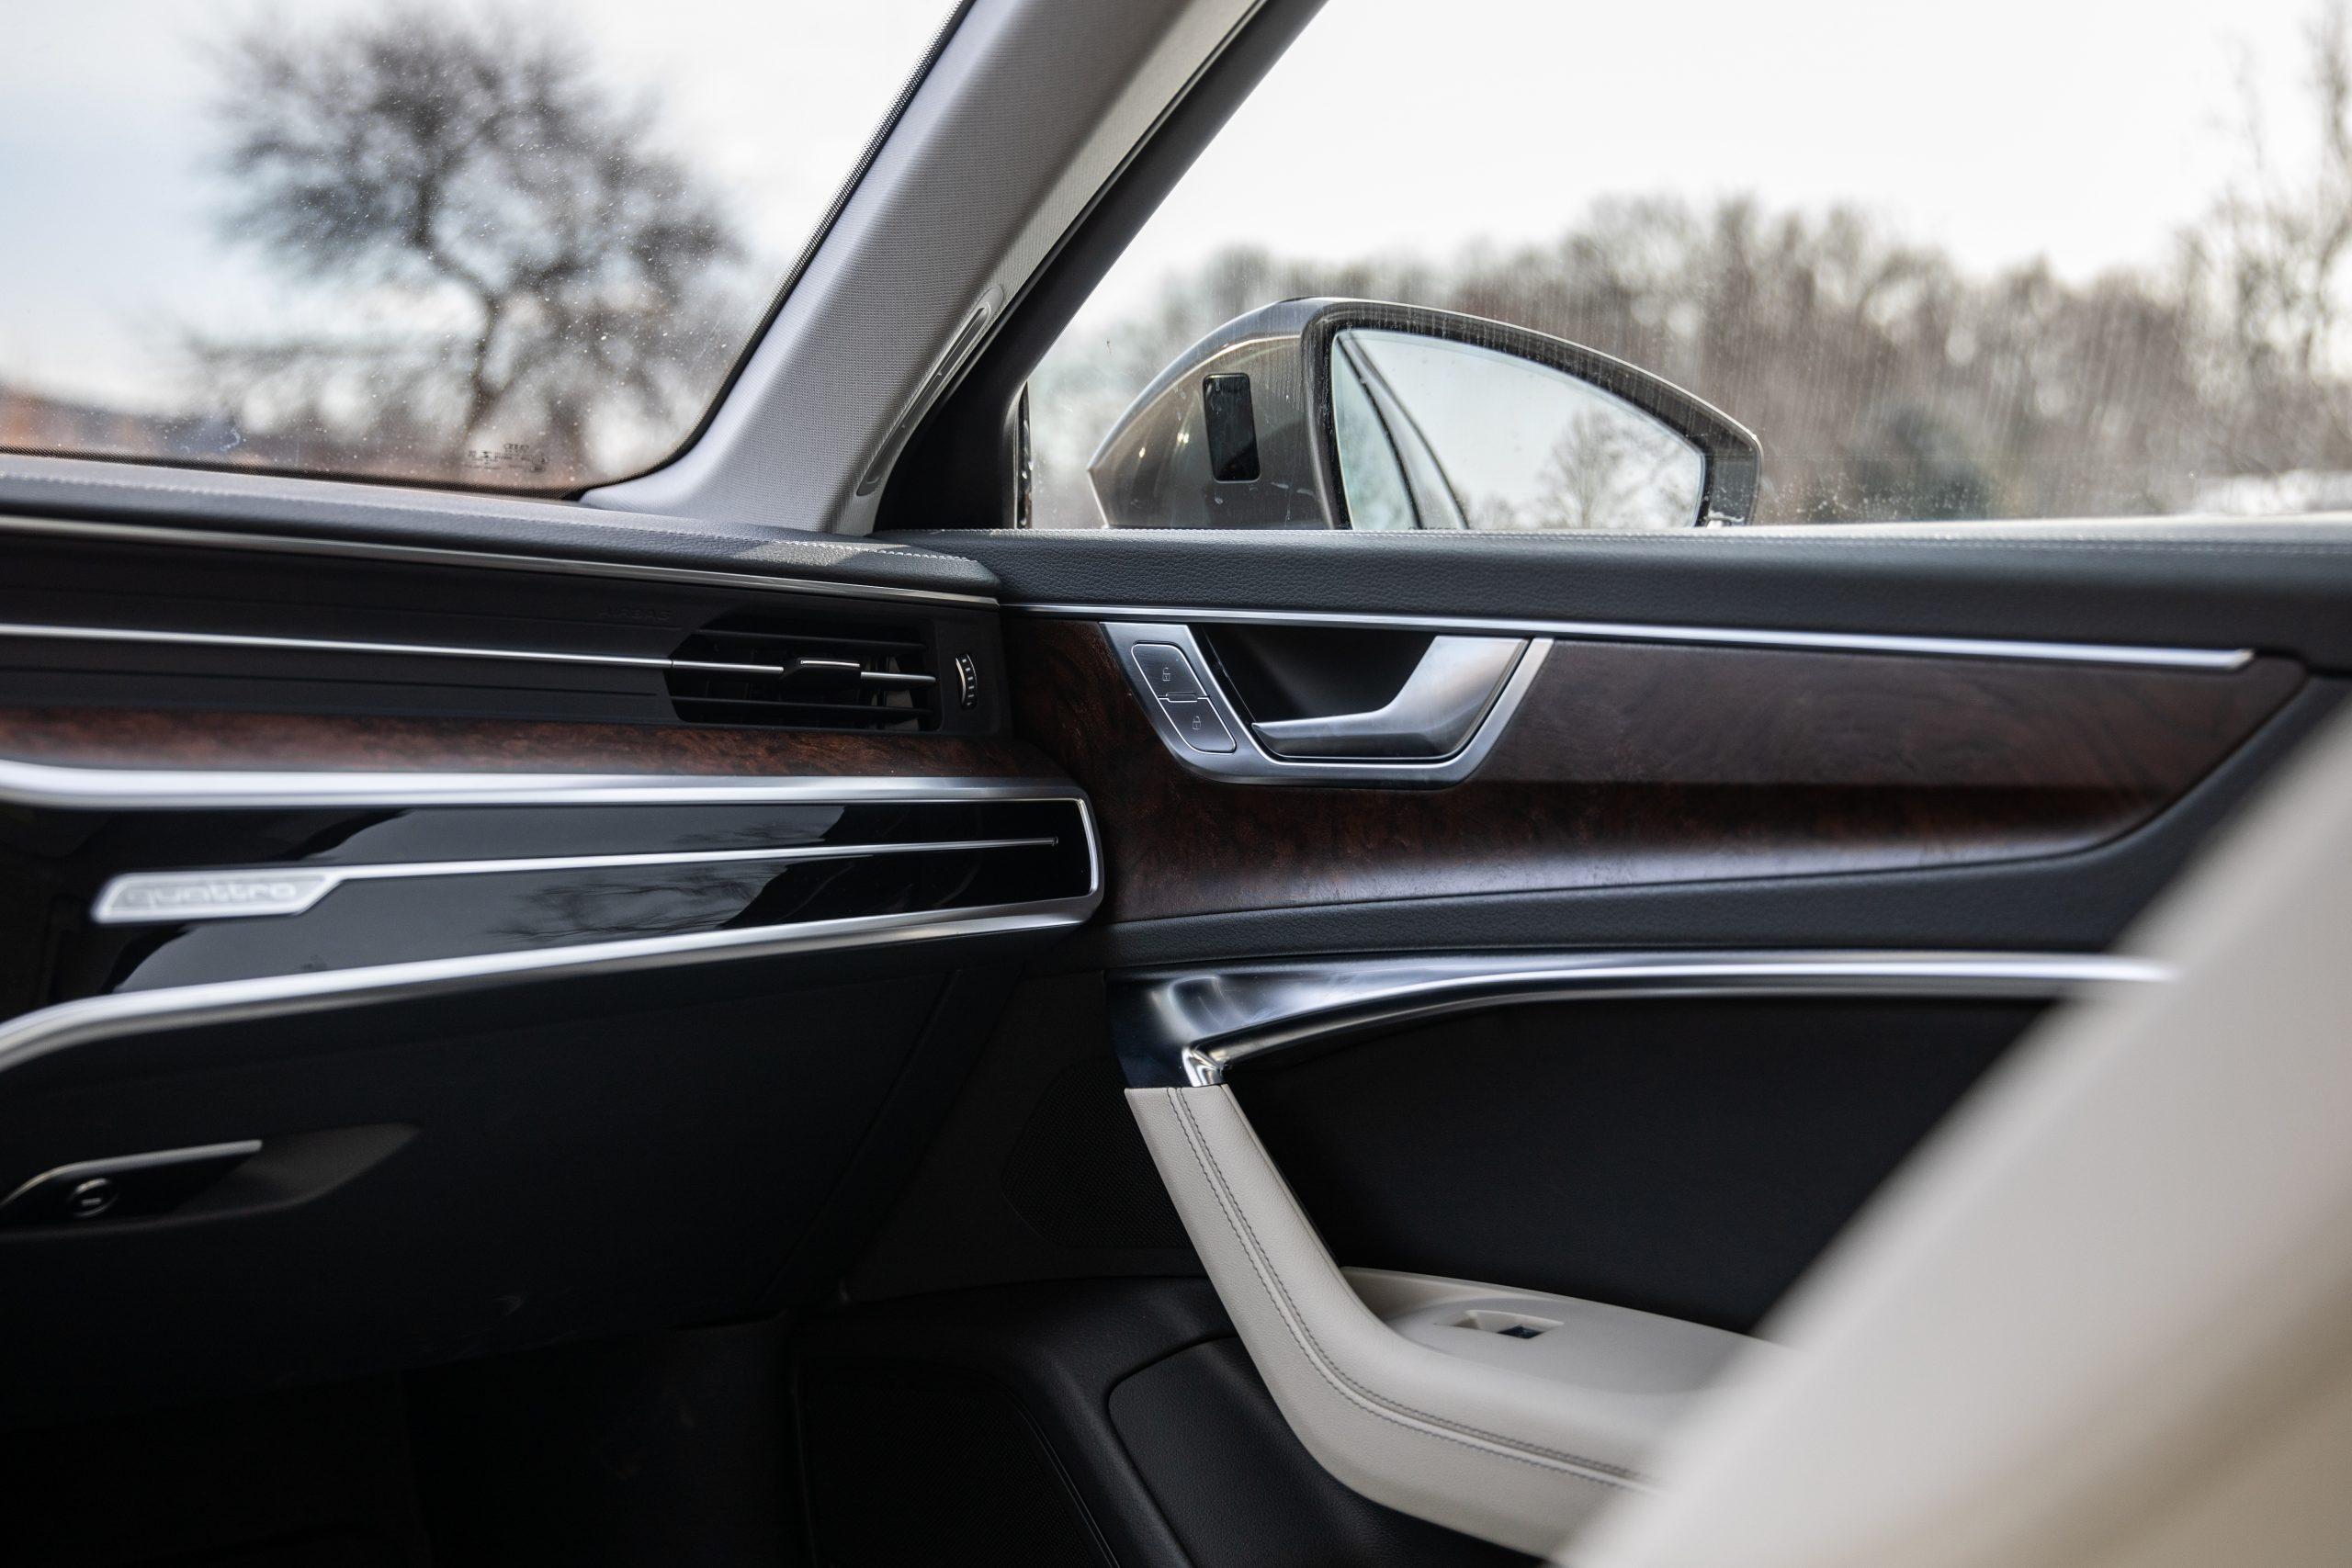 2020 Audi A6 allroad interior details